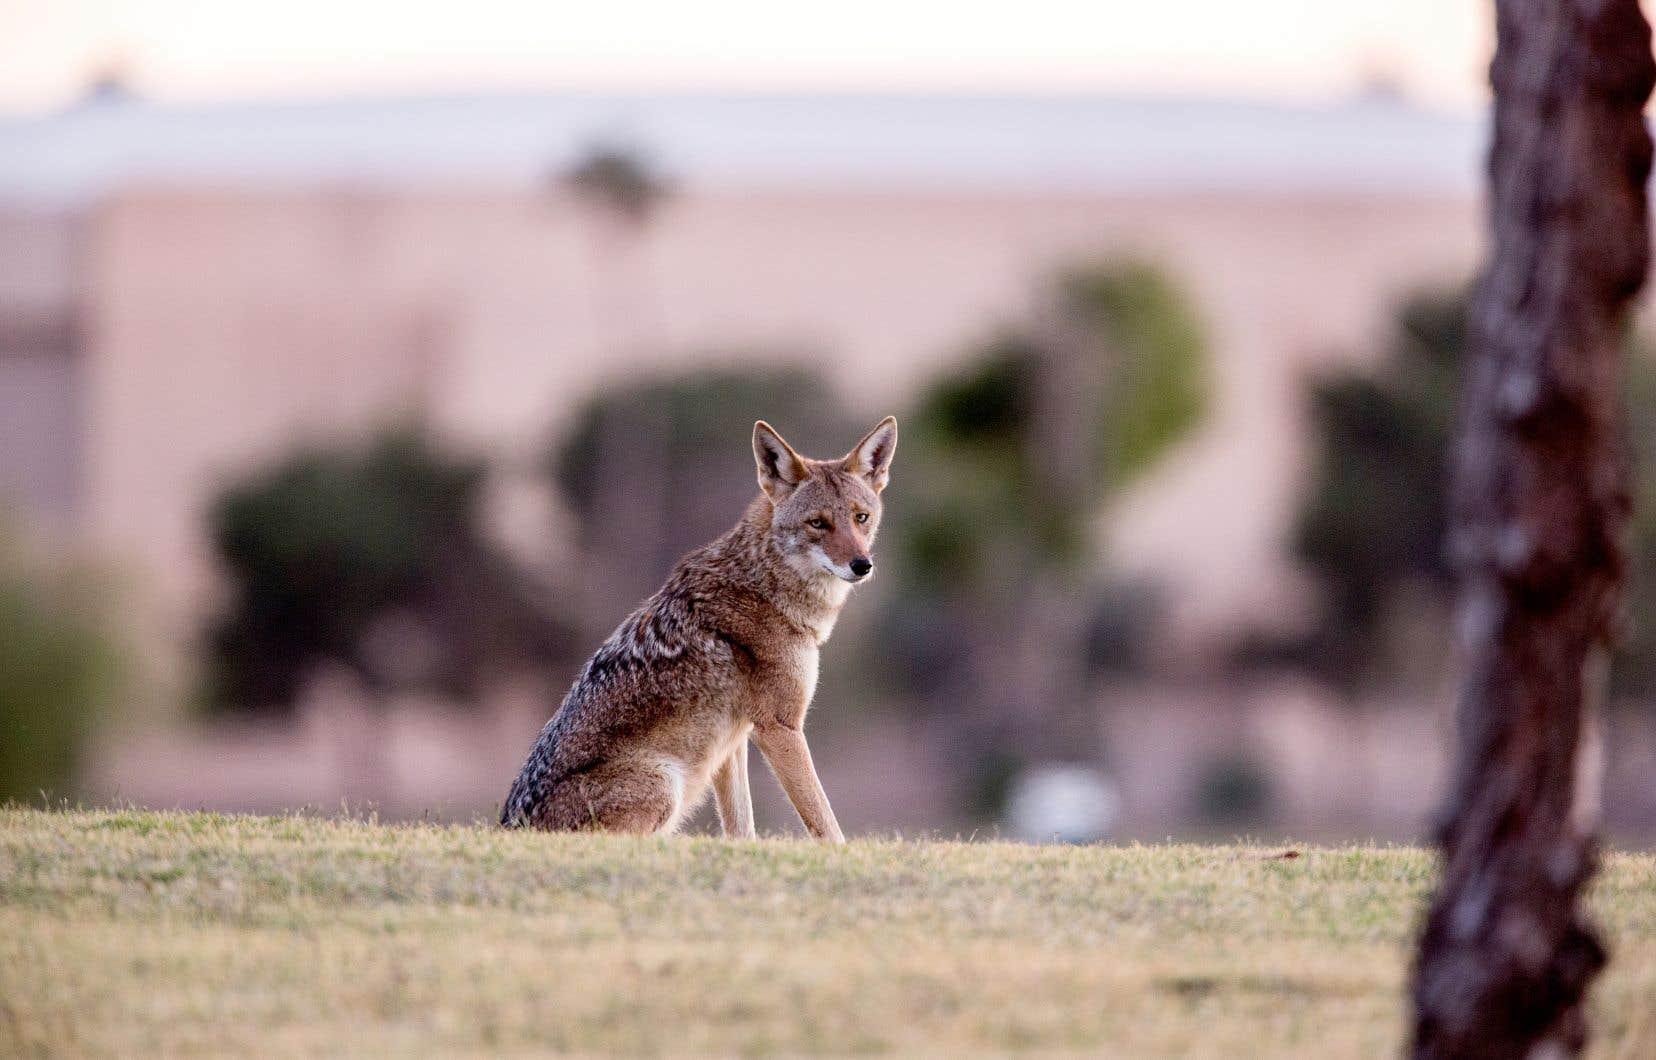 La Ville de Montréal recommande aux citoyens de ne pas approcher les coyotes, de ne pas les nourrir et de bien tenir leurs chiens en laisse.